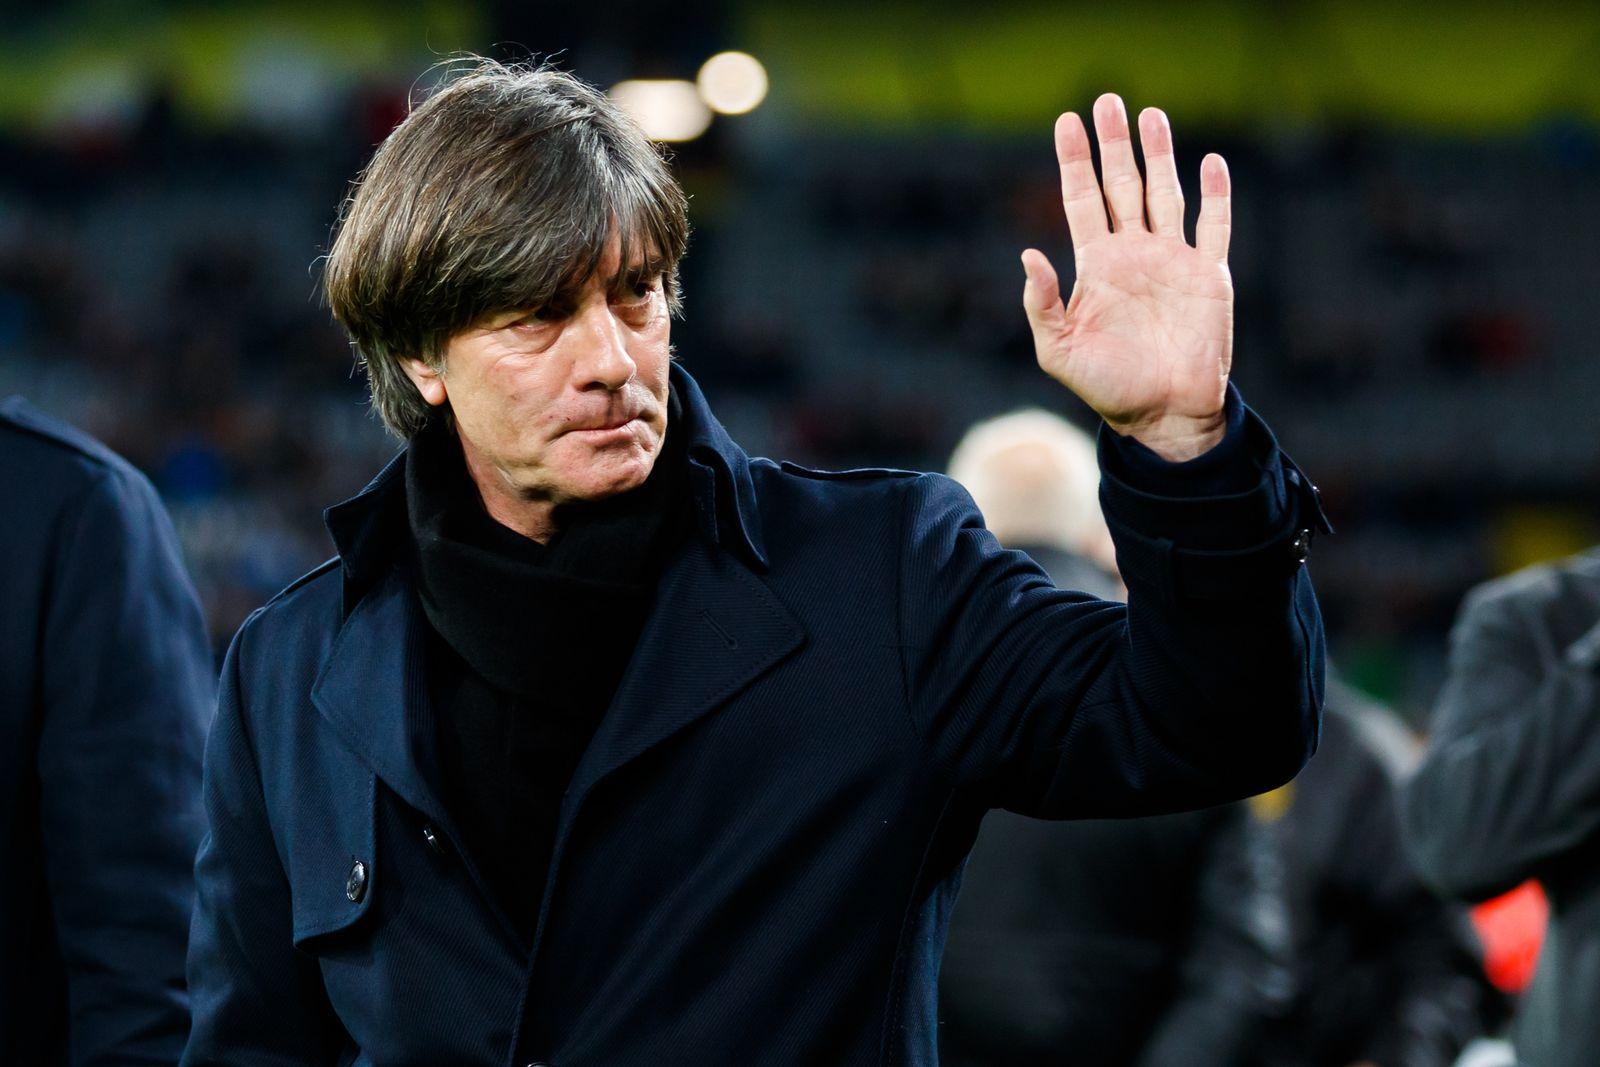 Joachim Loew (Trainer / Deutschland) winkt den Fans zu, Deutschland vs Argentinien, Fussball, Freundschaftsspiel, 09.10.